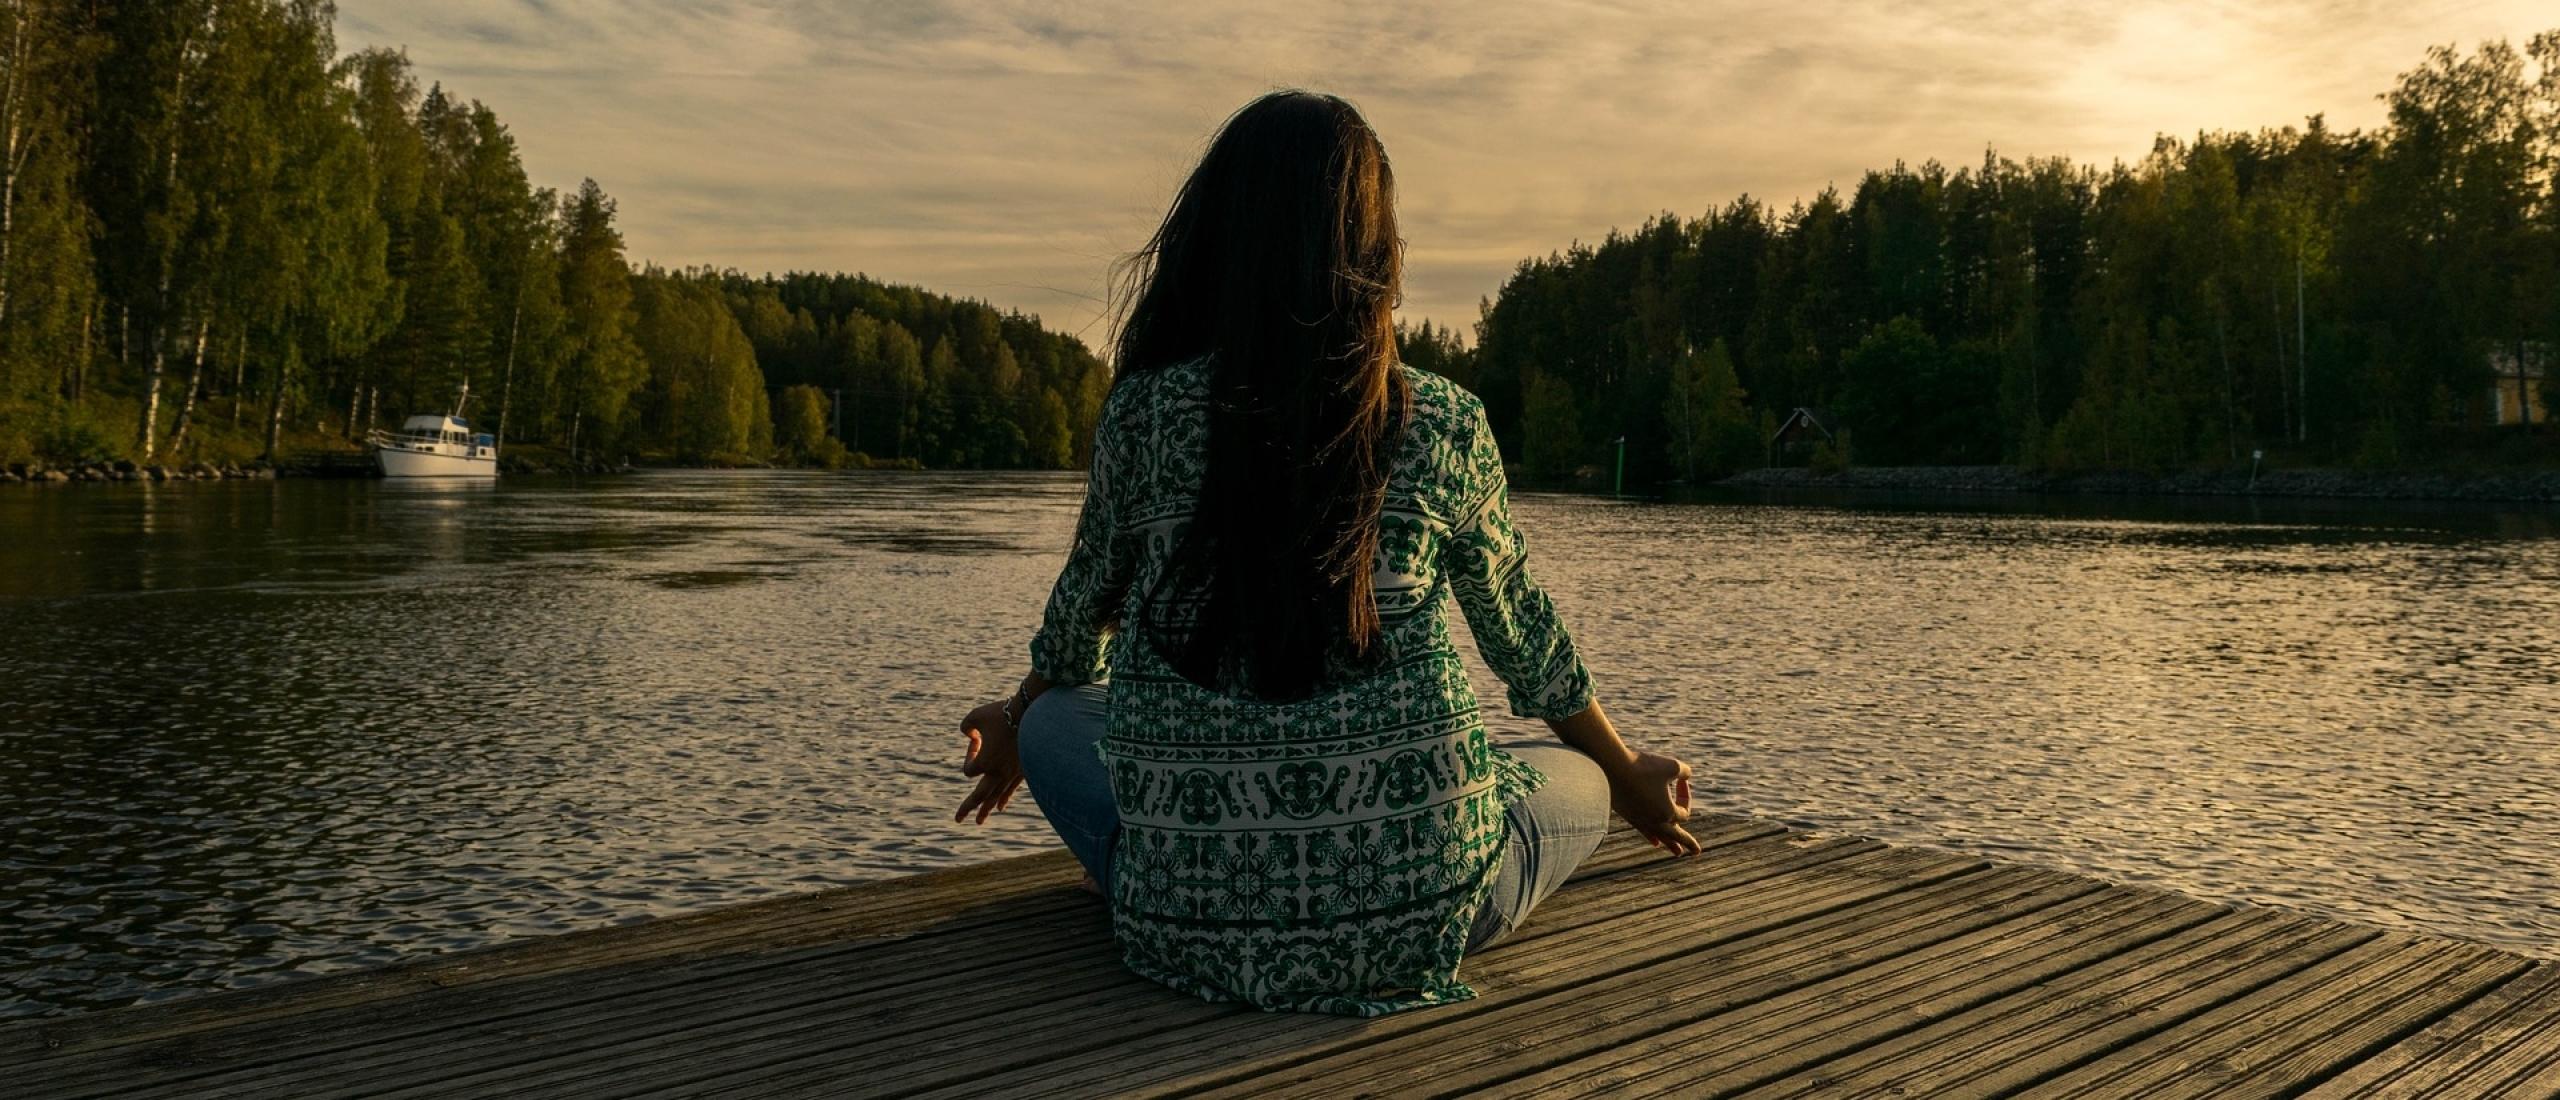 wat-is-mediteren-vrouw